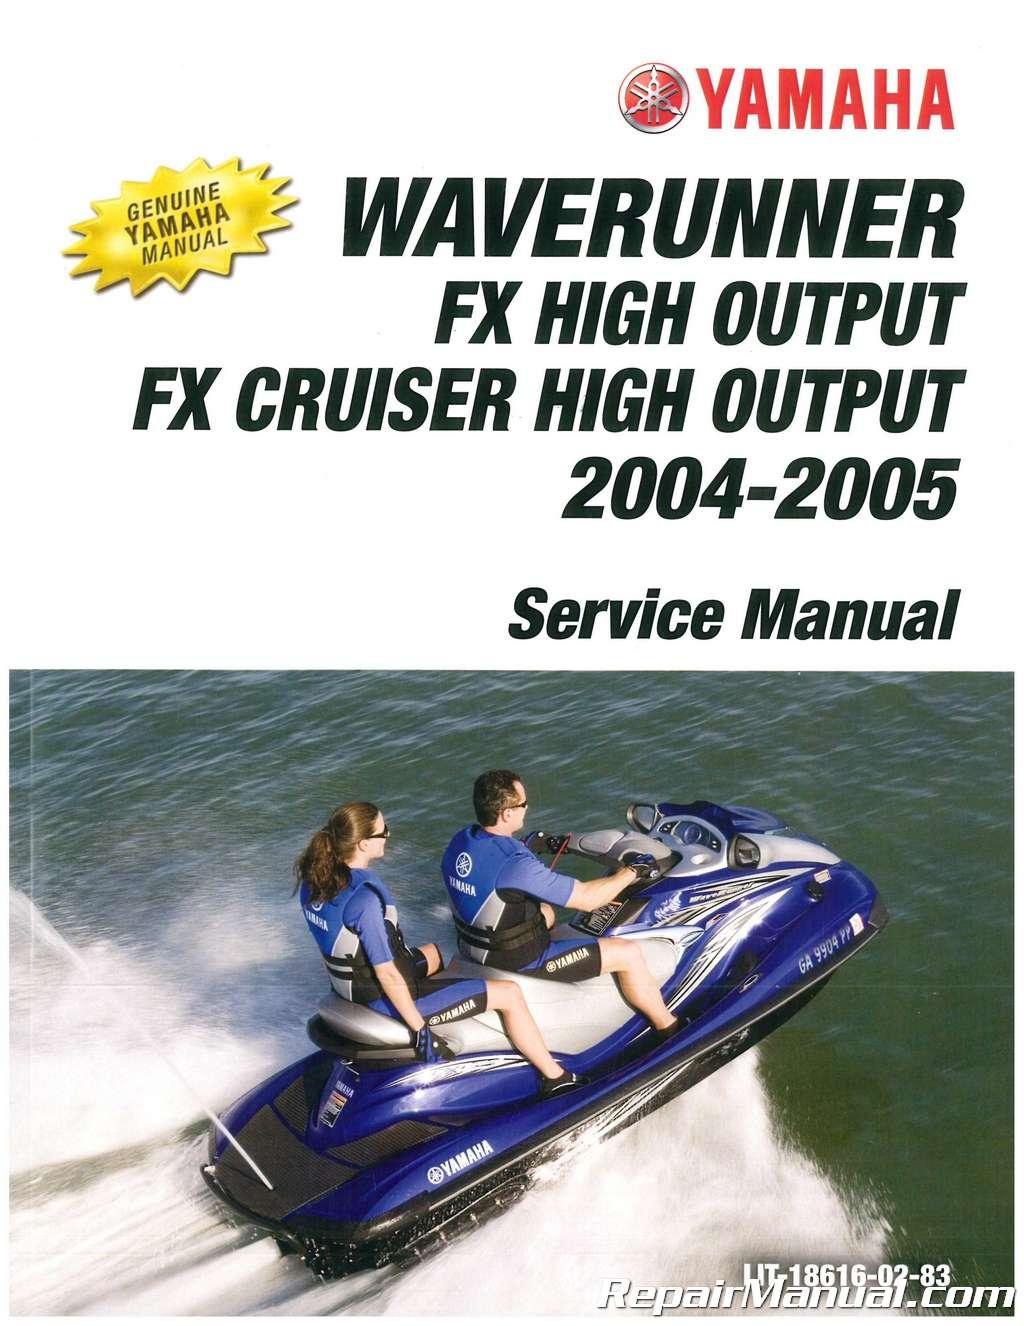 2004-2005 Yamaha FX1000AD FX1100D Waverunner FX Cruiser High Output Service  Manual